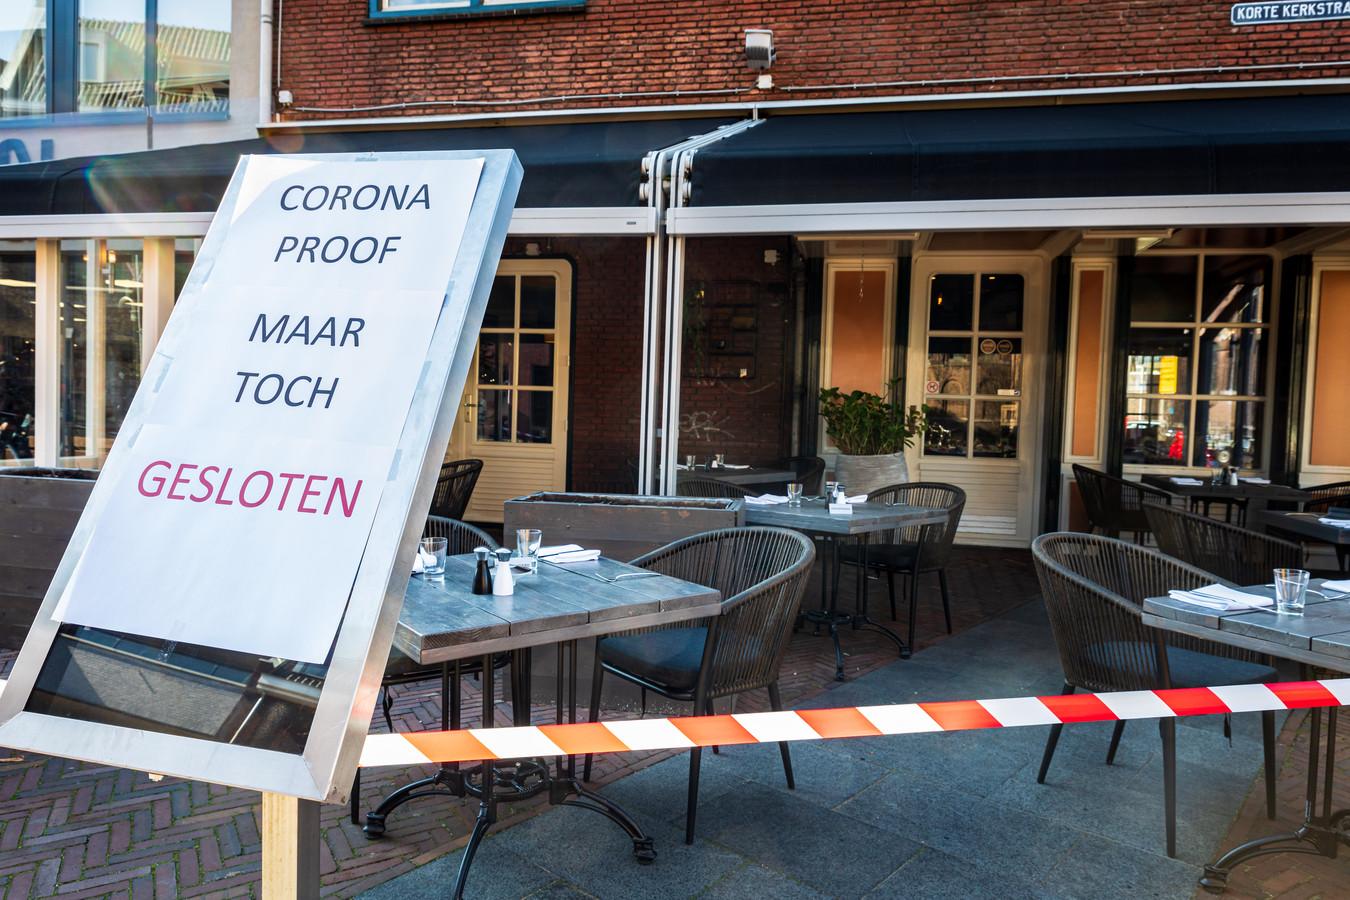 In heel Nederland protesteren horecazaken tegen tegen de coronamaatregelen.